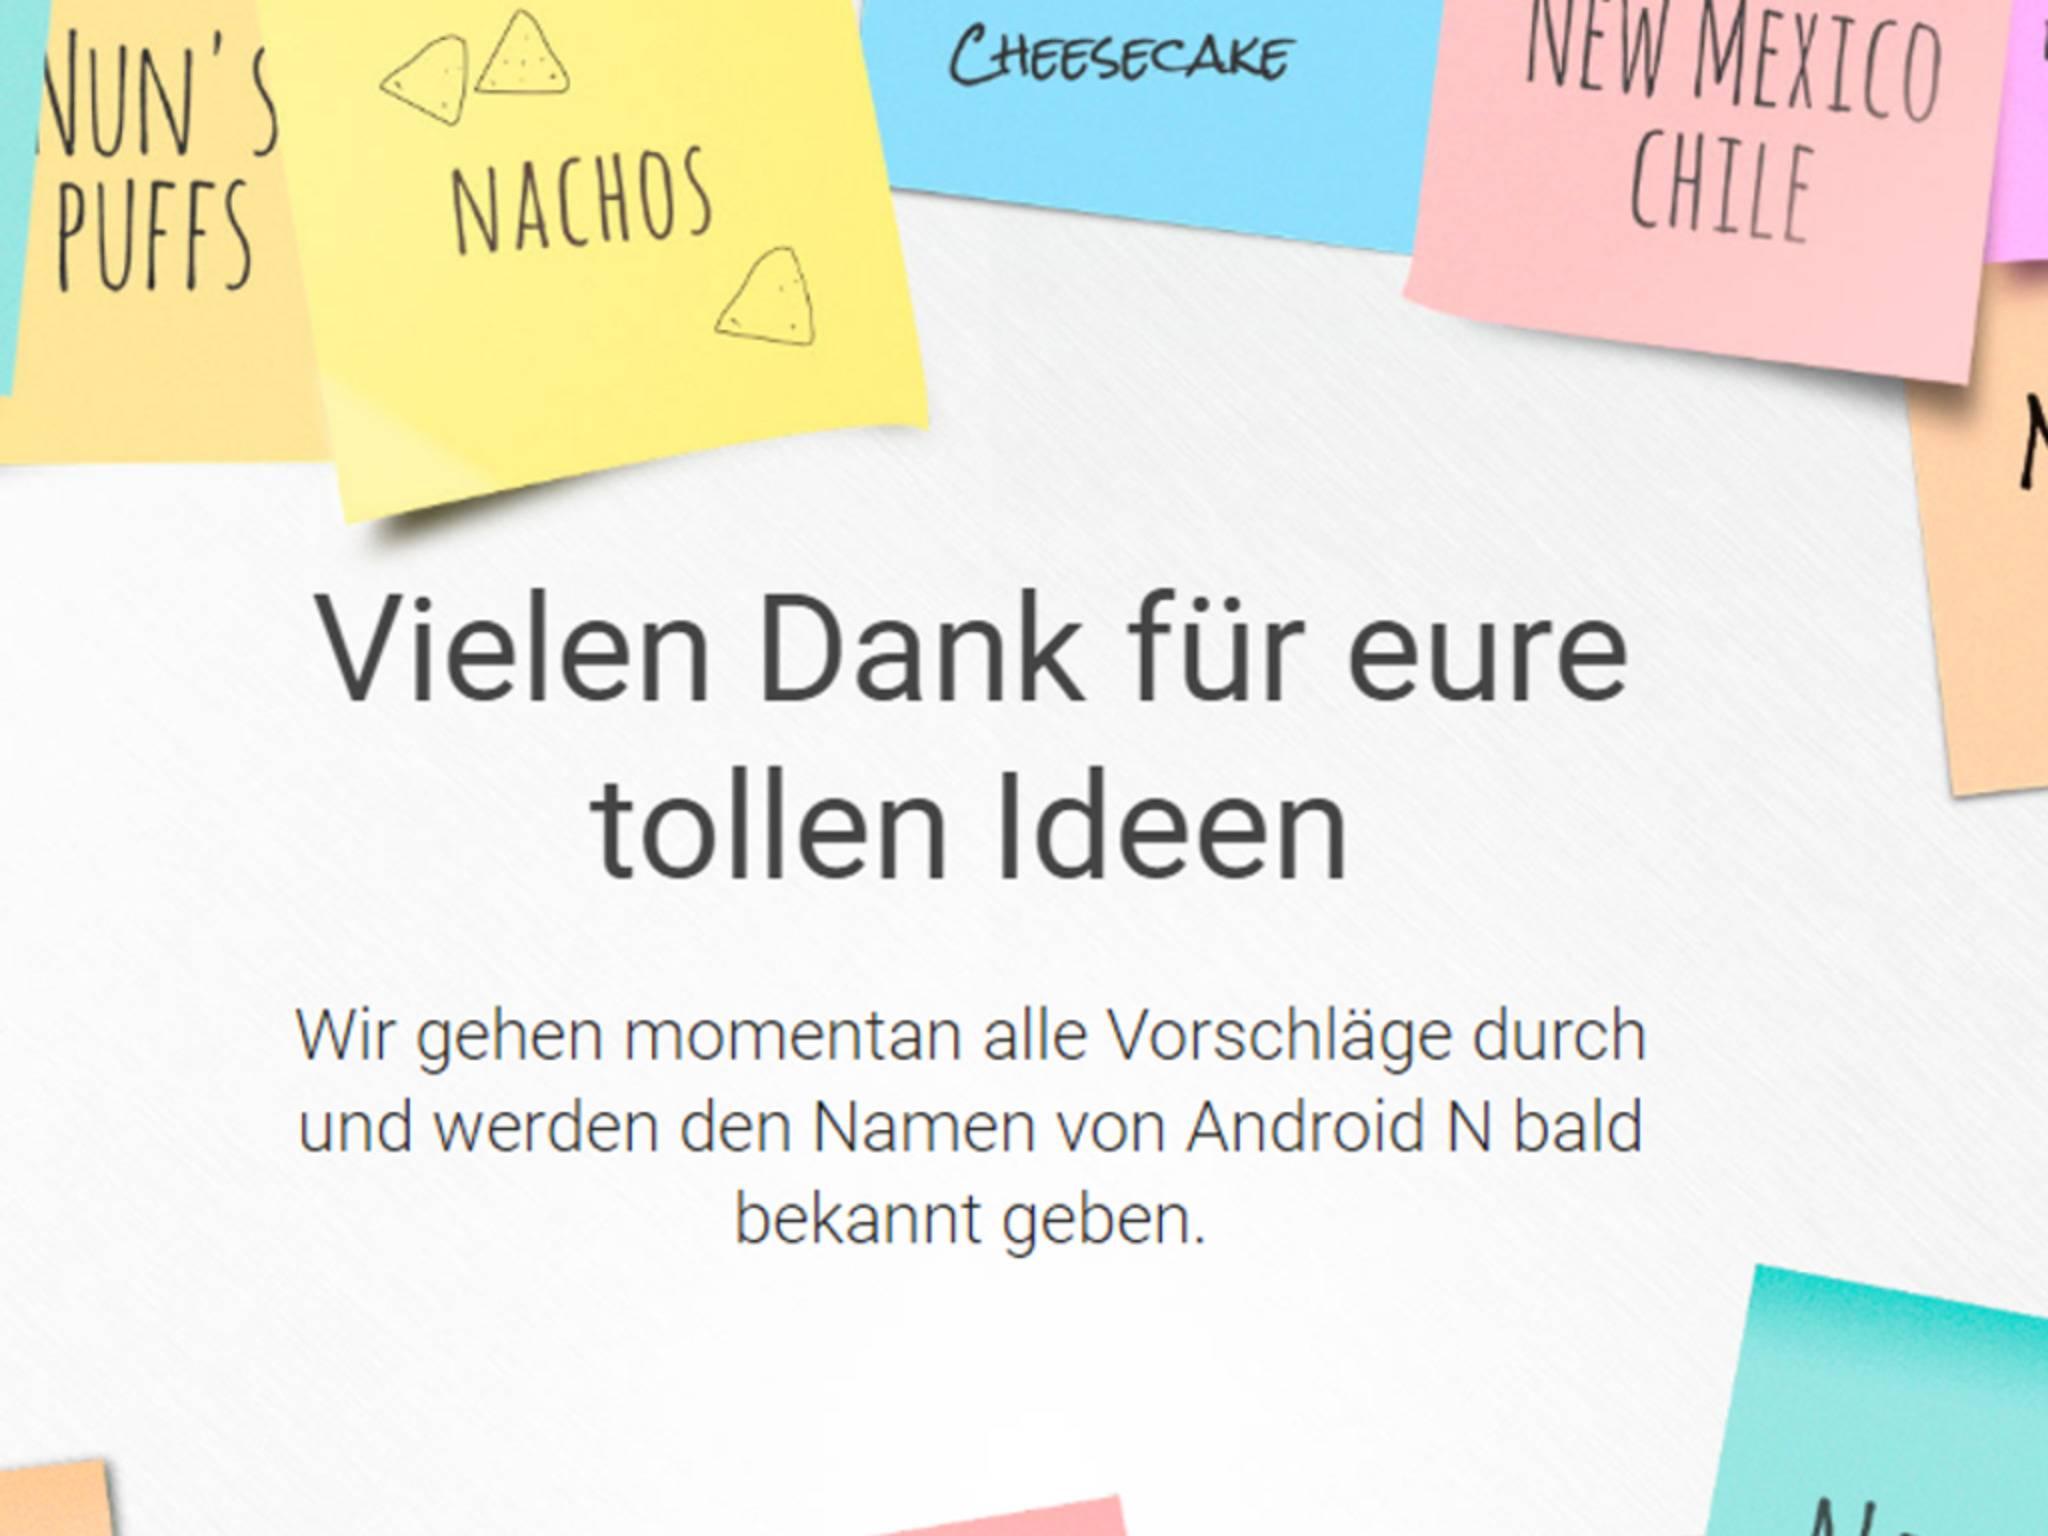 Google geht nun die Vorschläge für den finalen Namen von Android N durch.